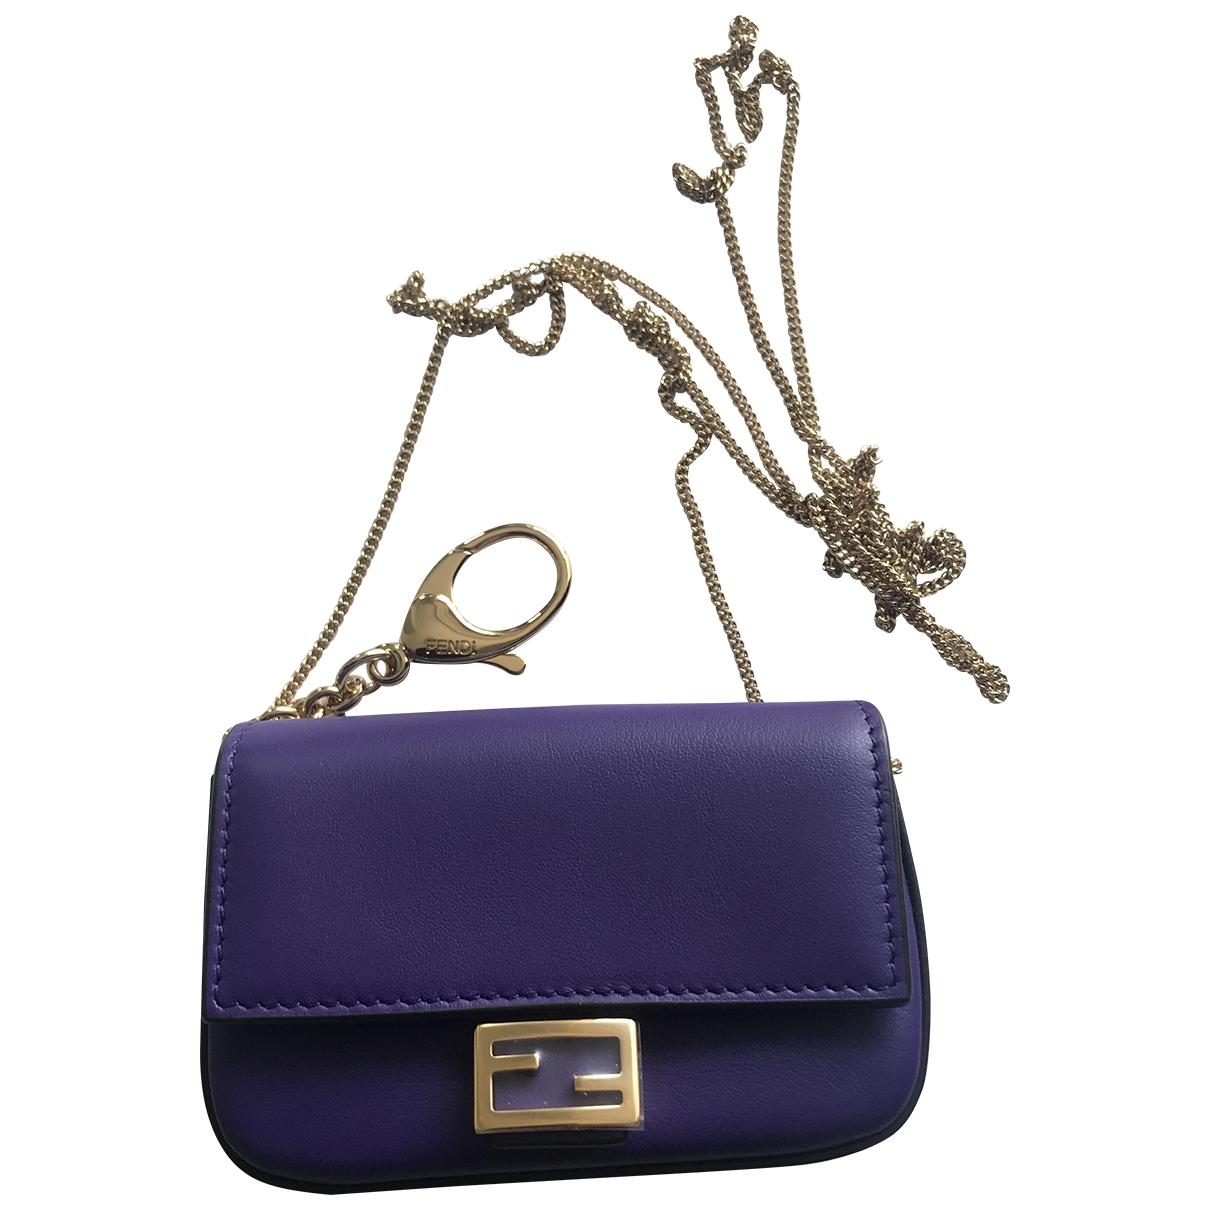 Fendi Baguette Handtasche in  Lila Leder